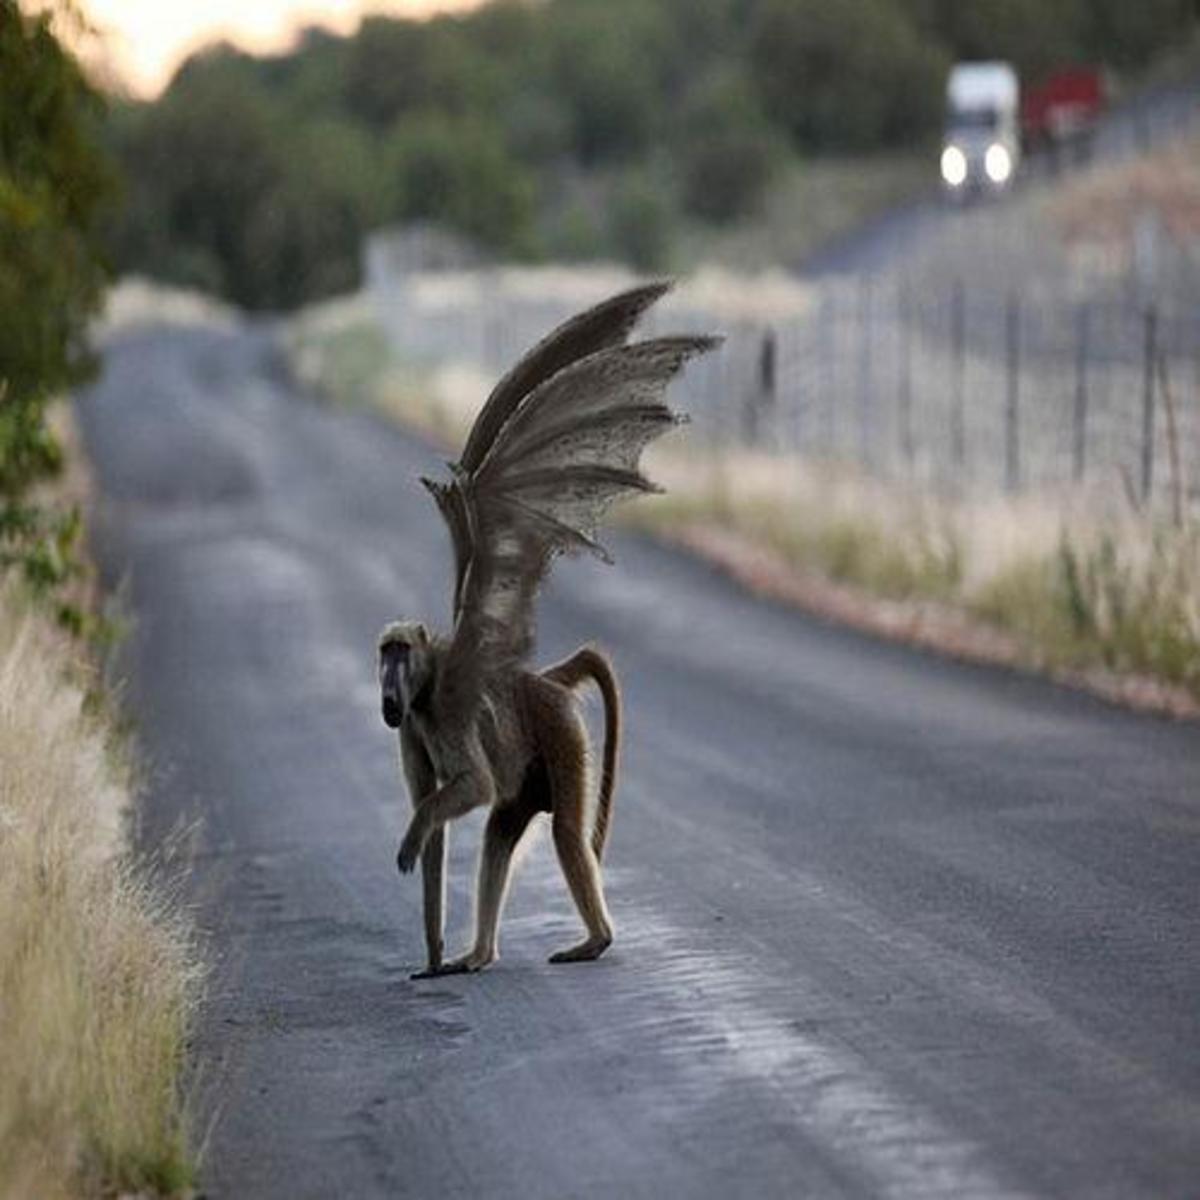 Rebobs: The Flying Monkeys of Napa Valley